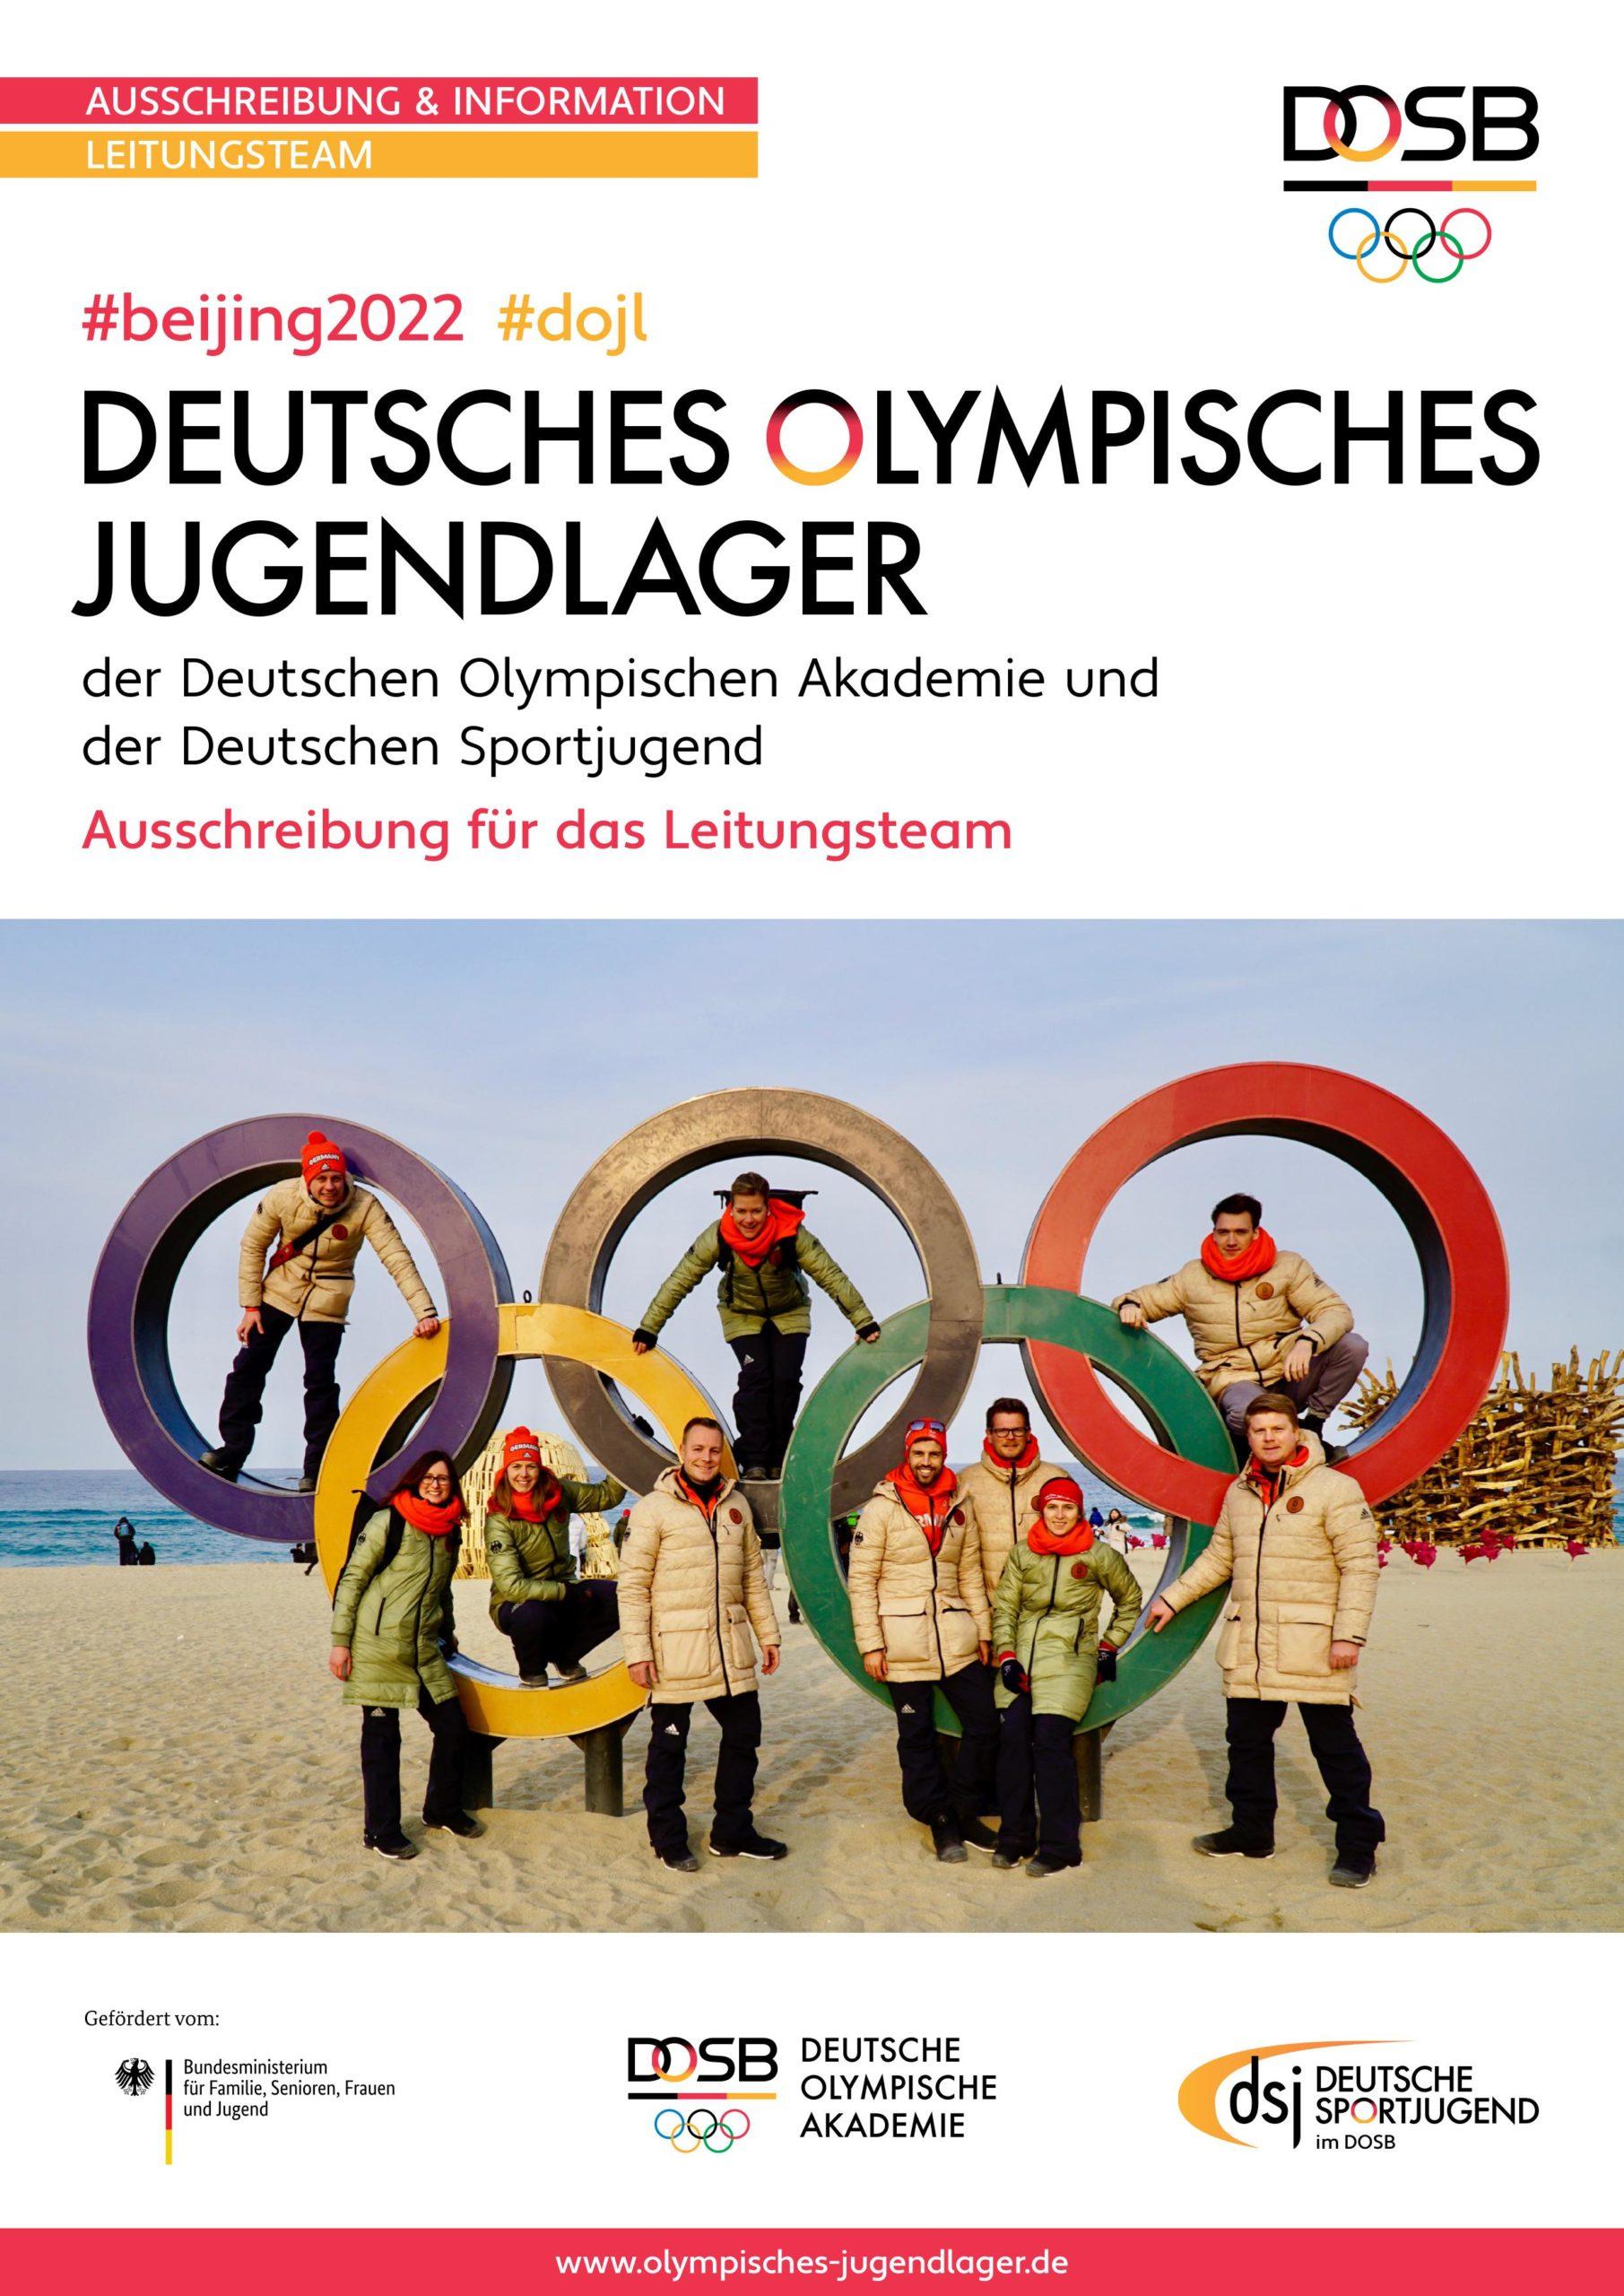 Olympischen Spiele im chinesischen Peking 2022  erleben! Sei dabei!